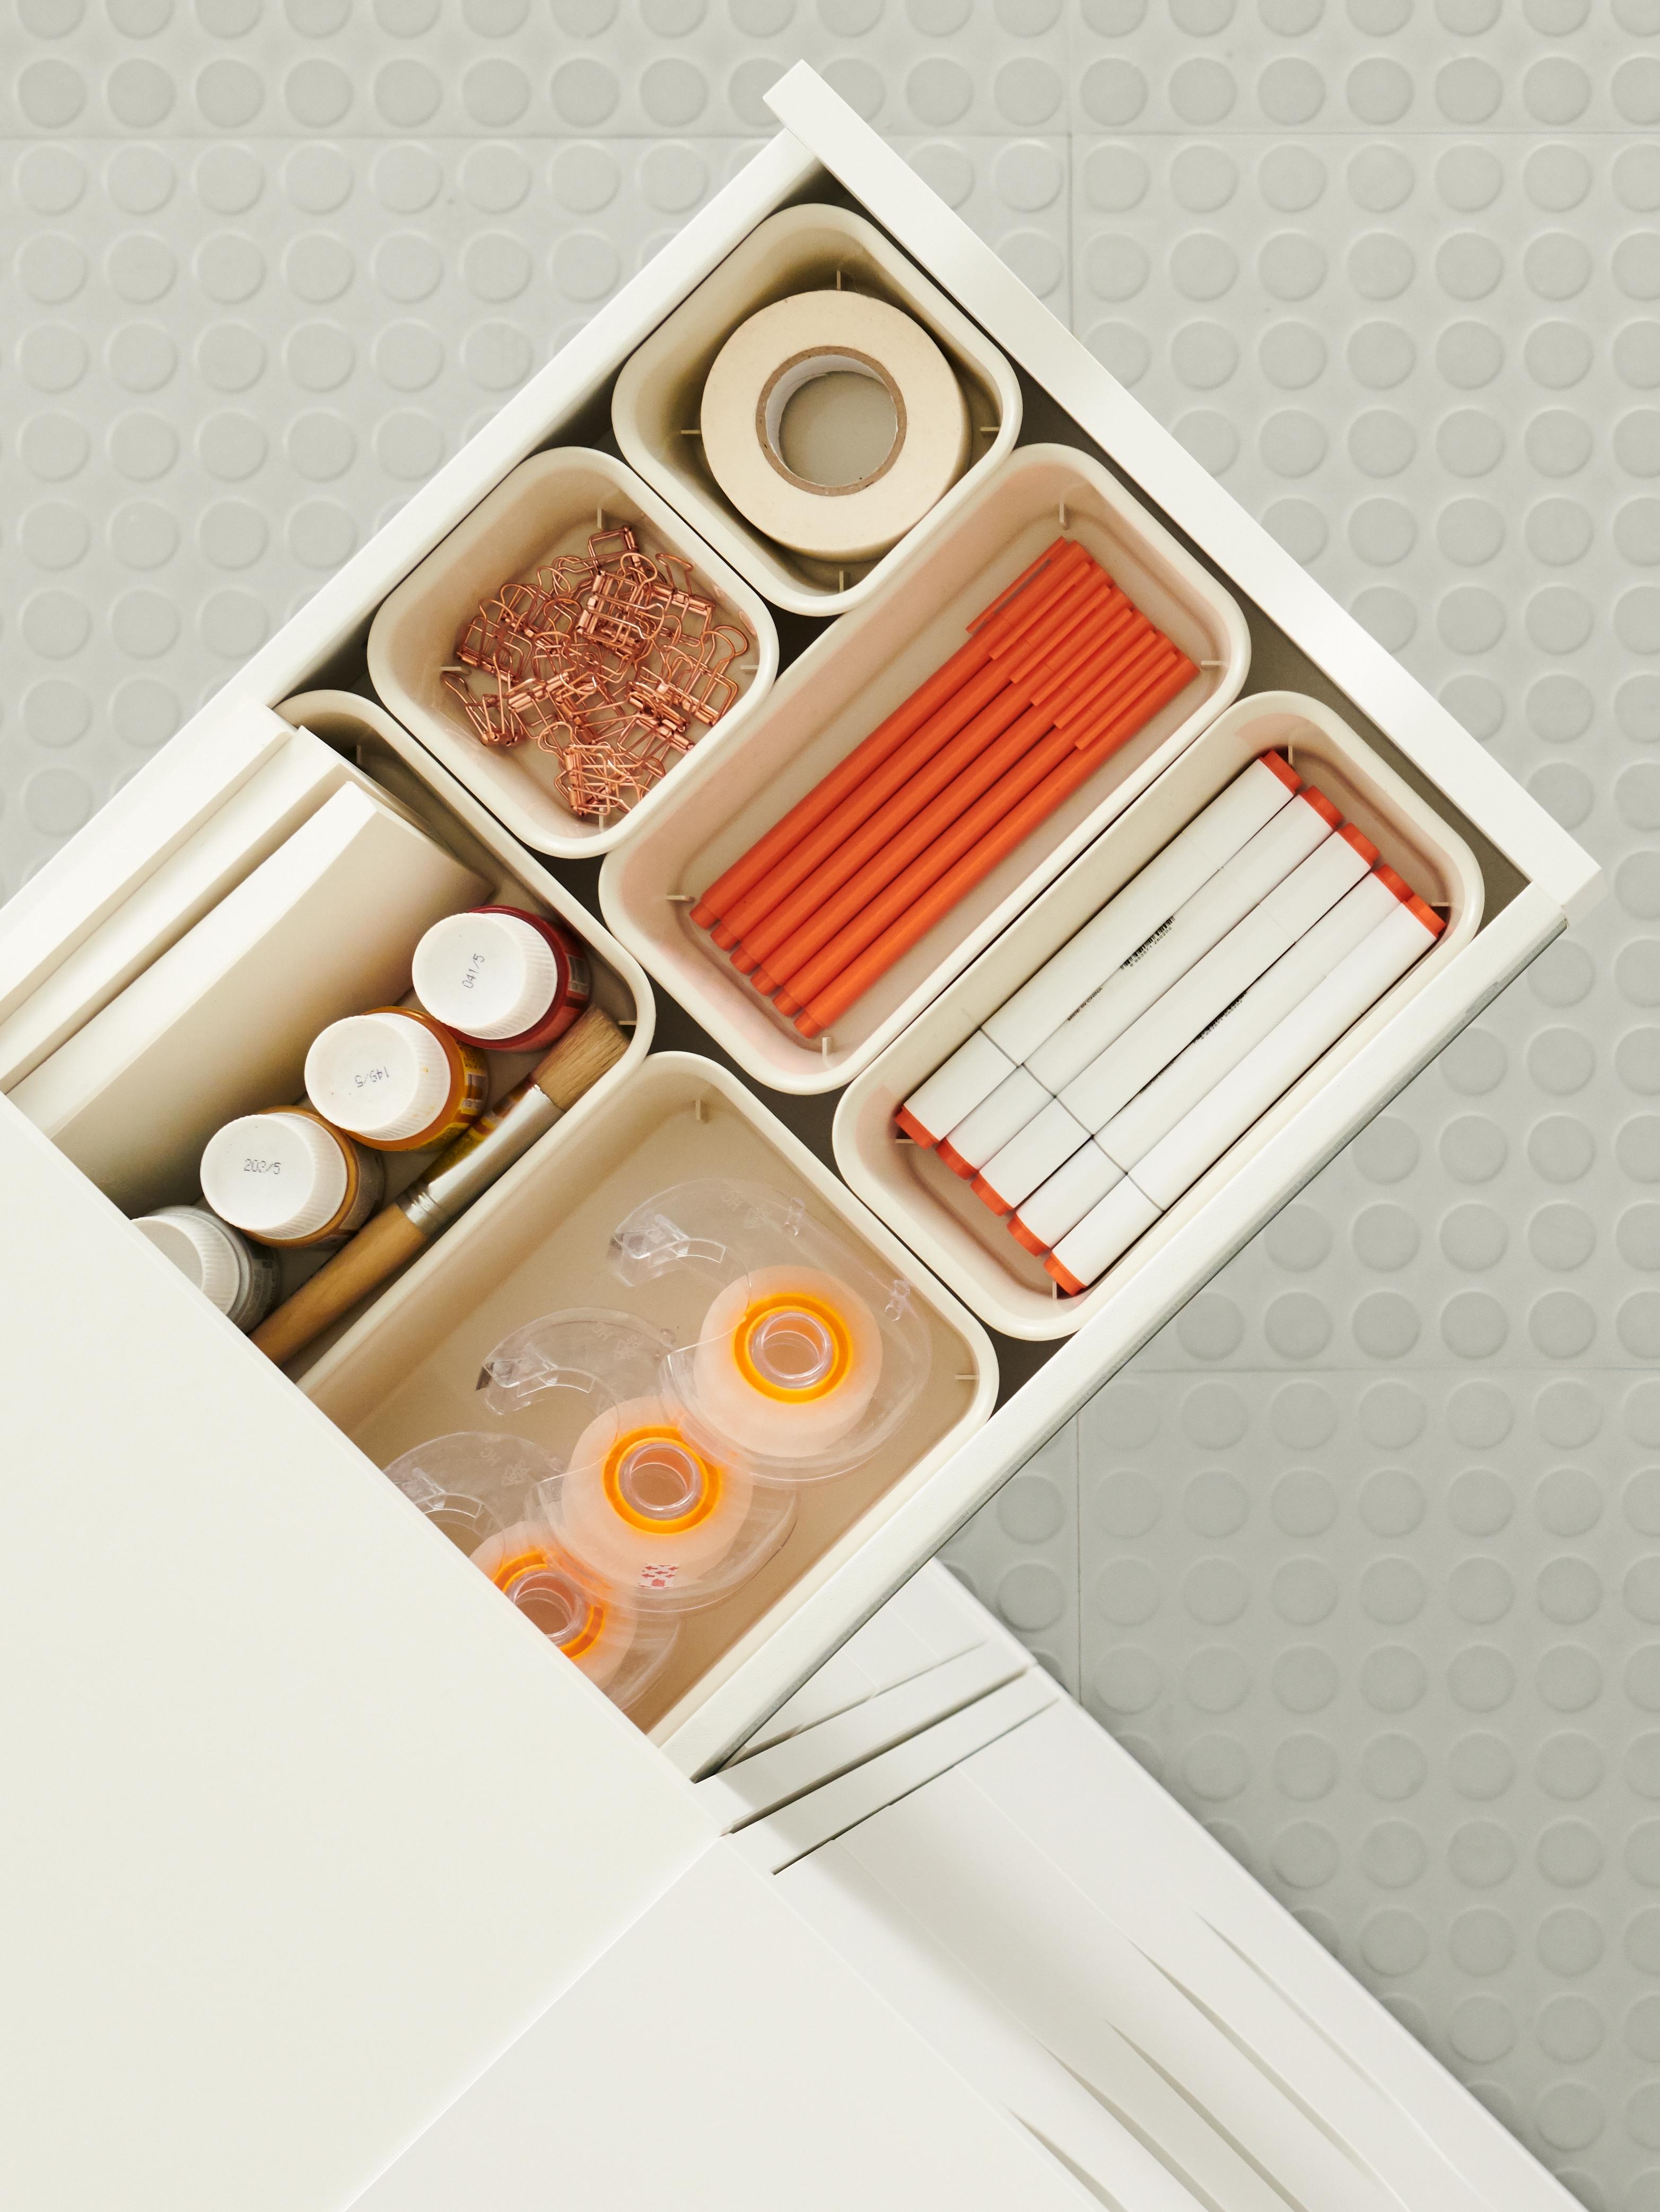 Eine Schublade, die aus einer weissen Einheit herausragt und verschiedene Organizer mit Klebeband, Stiften, Büroklammern usw. mit orangefarbenen Akzenten enthält.